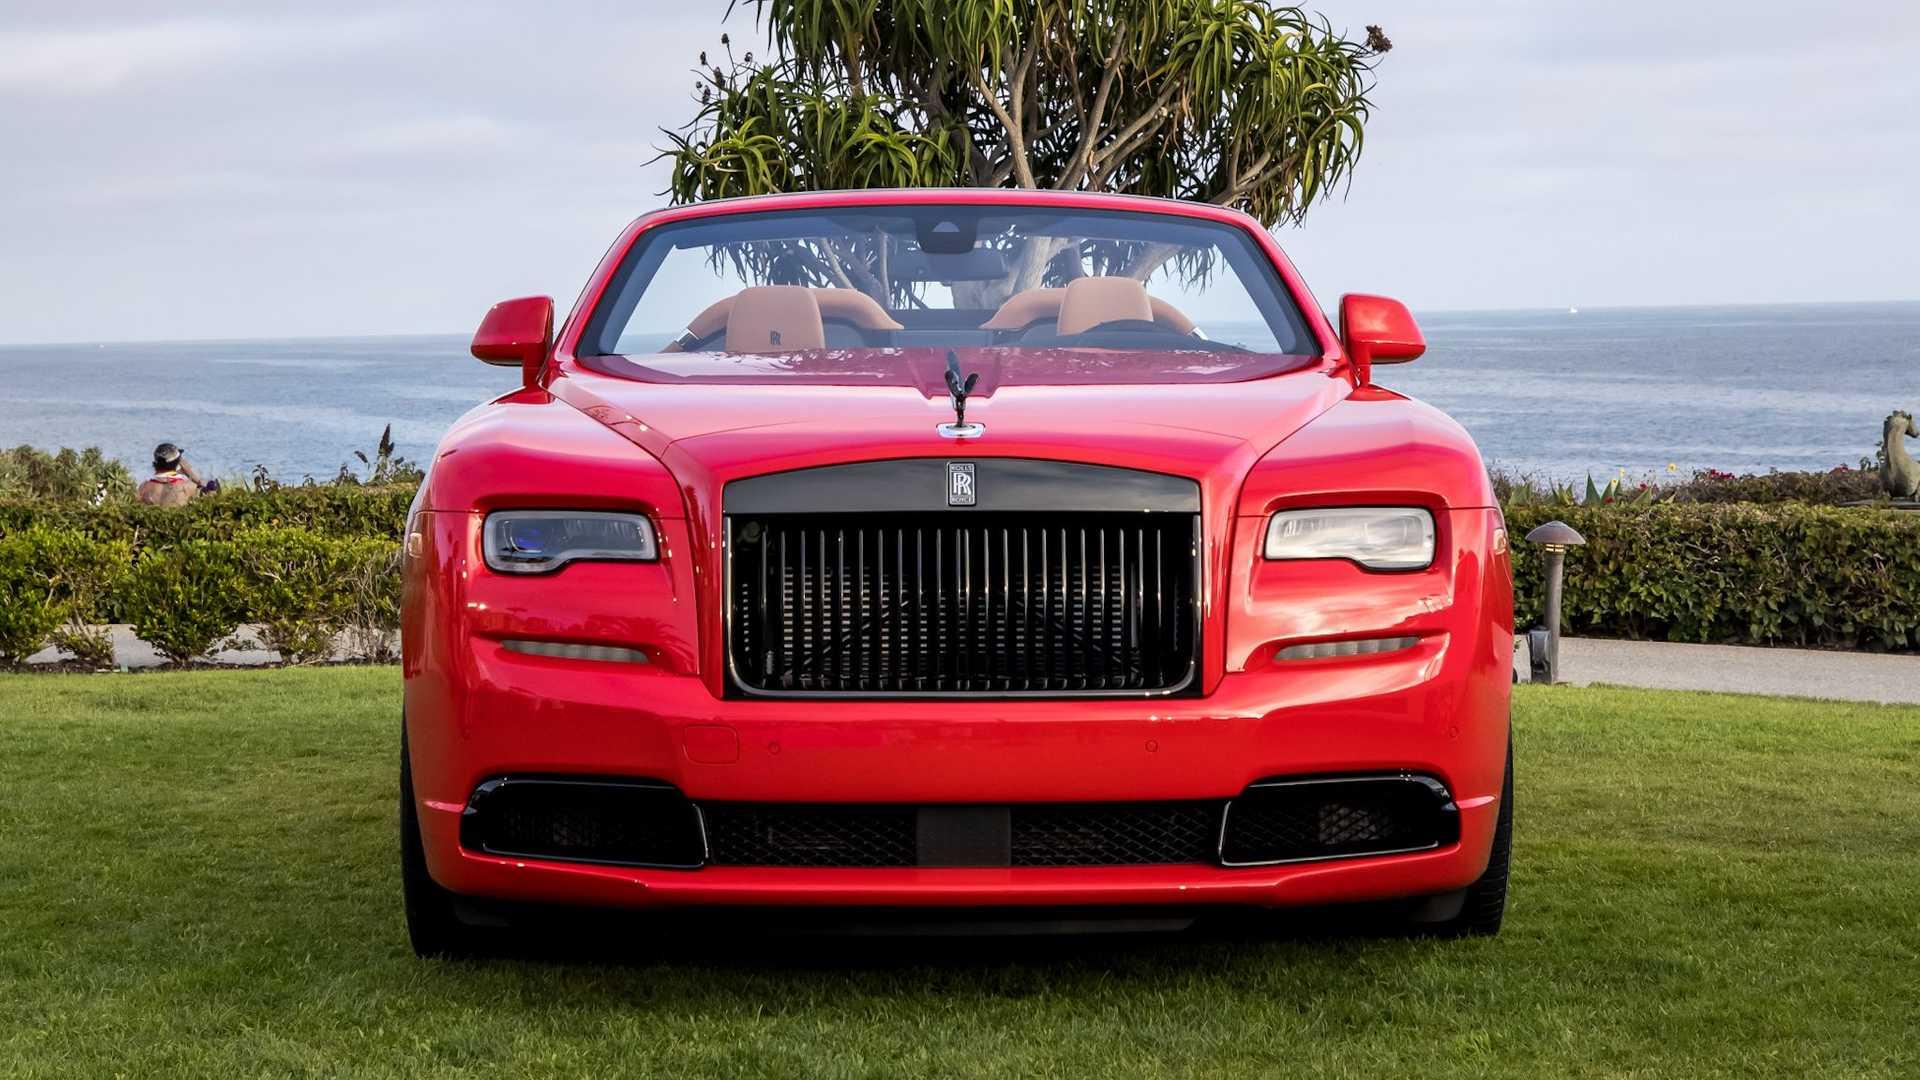 Bộ-đôi-Rolls-Royce-cá-nhân-hóa-kỷ-niệm-dịp-đặc-biệt-của-chủ-nhân (12).jpg